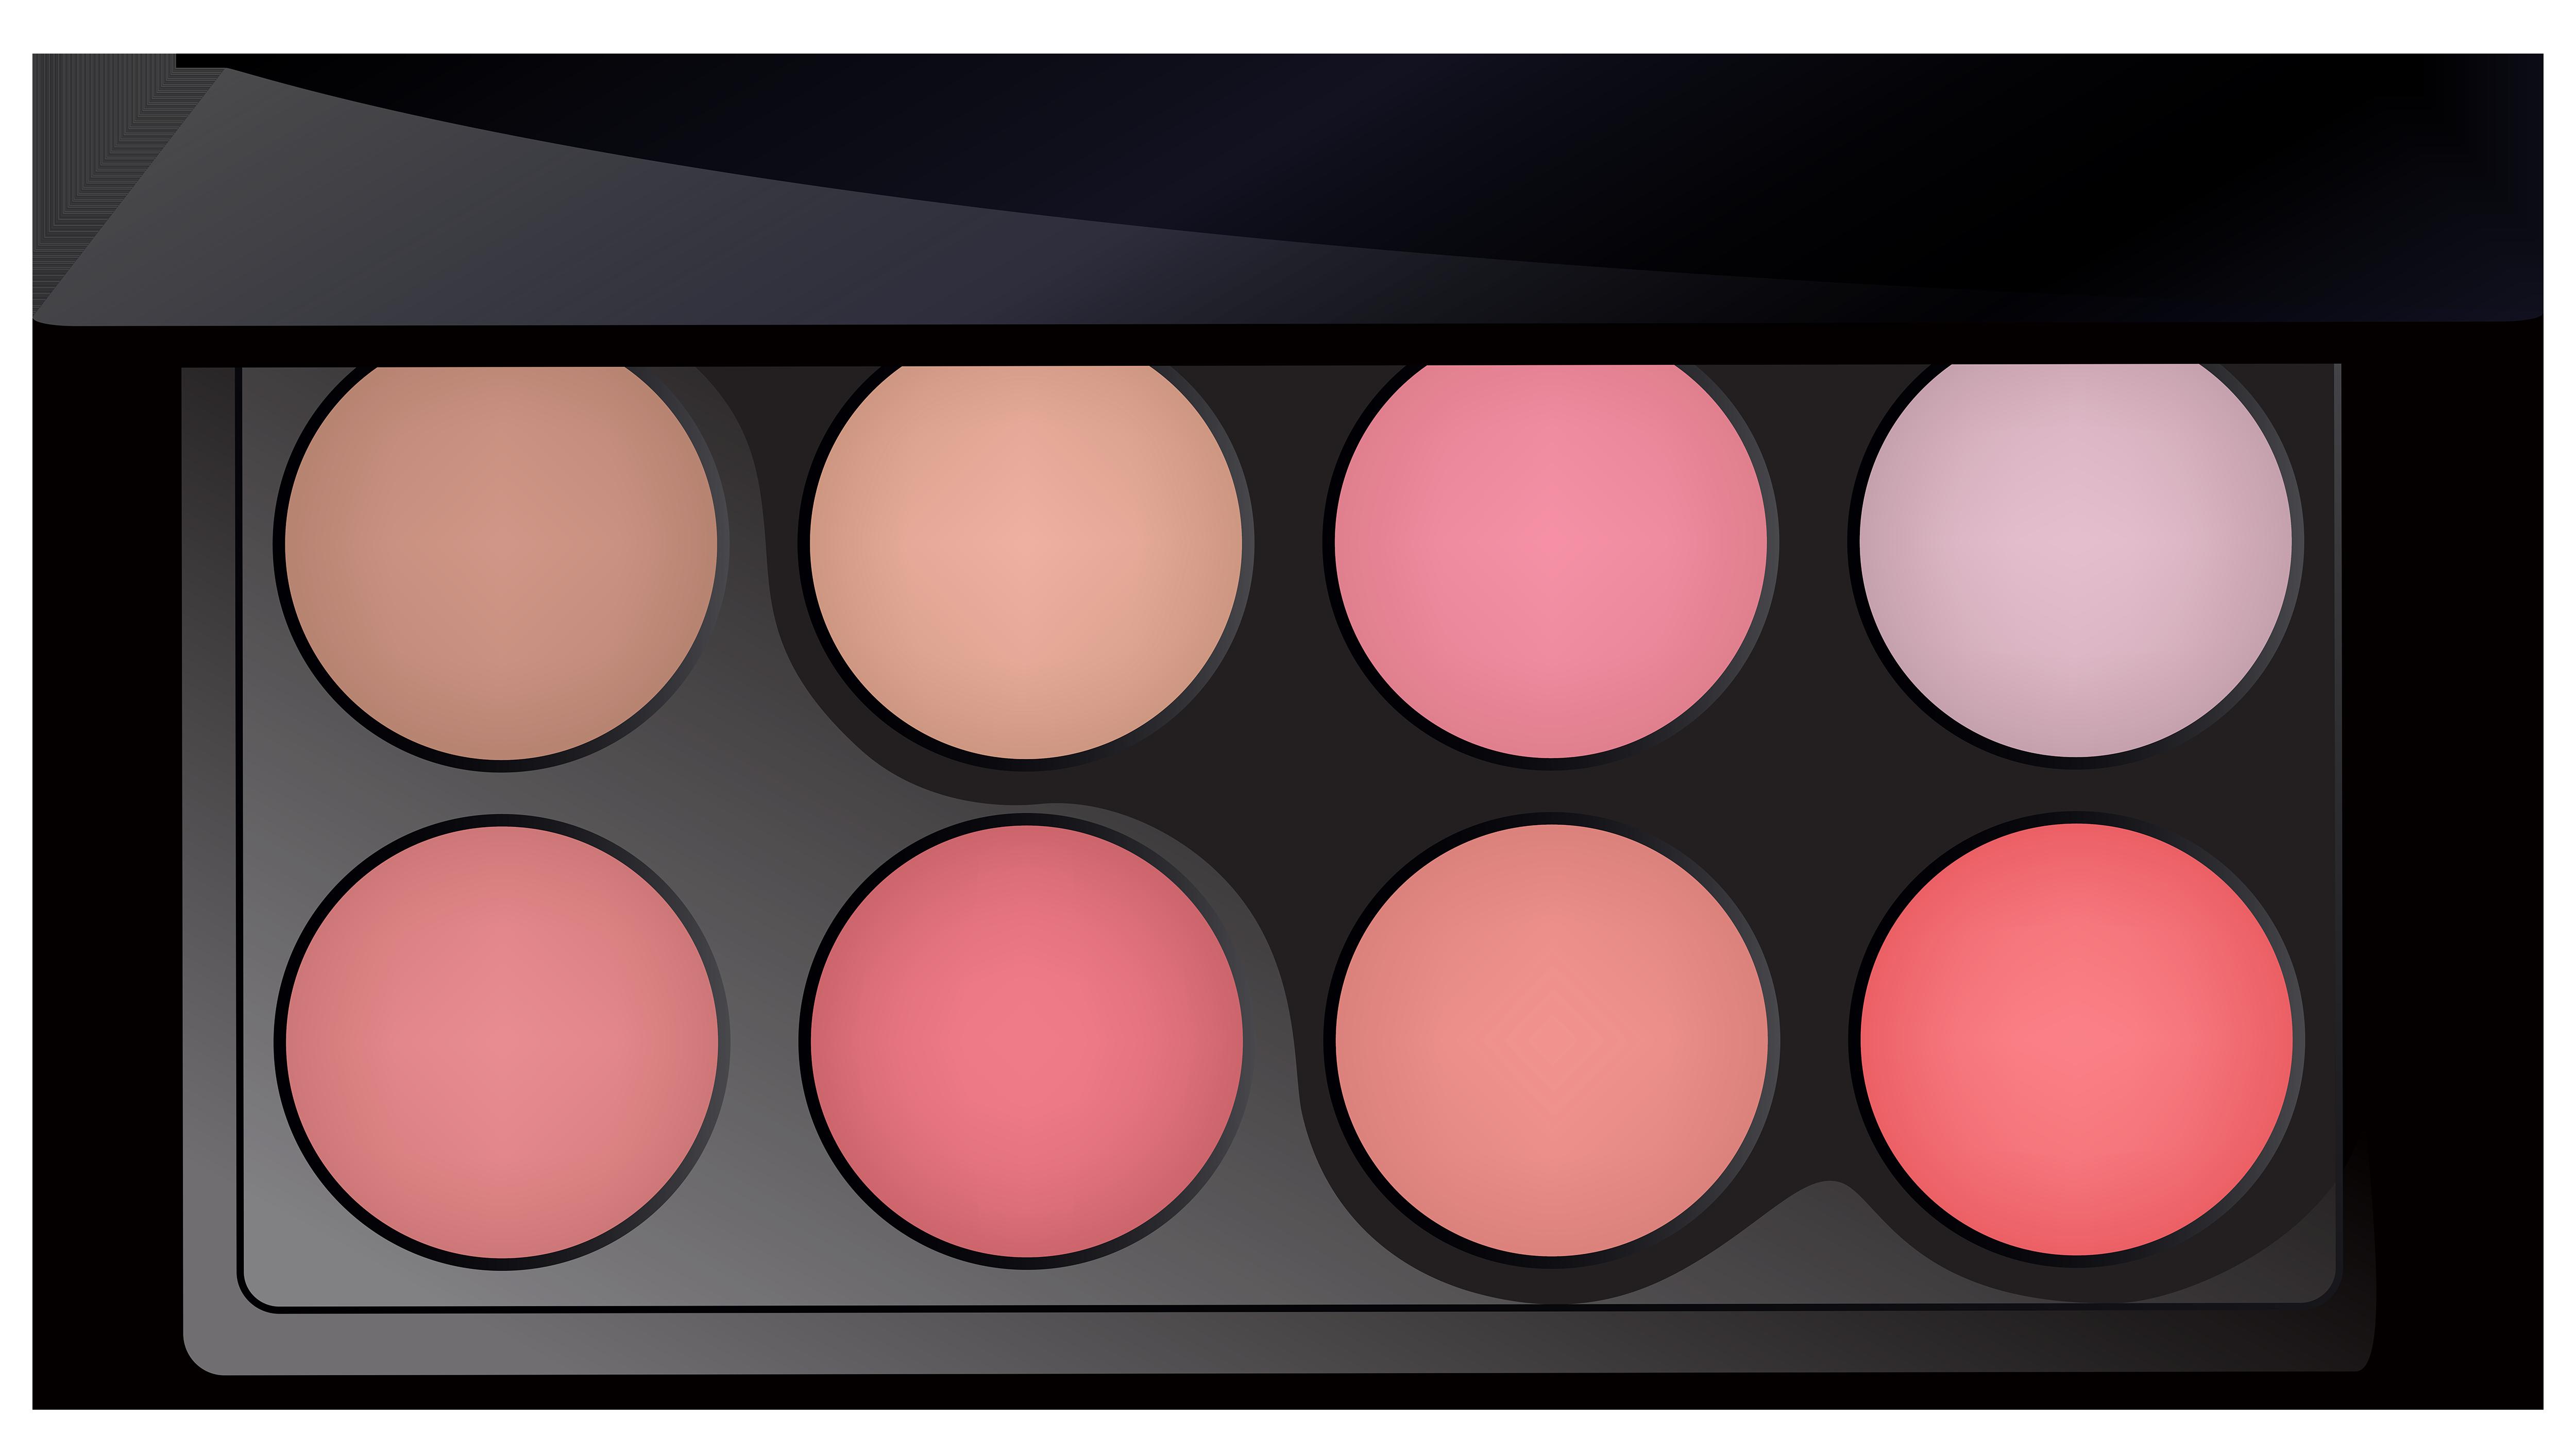 Makeup Transparent PNG Clip Art Image.